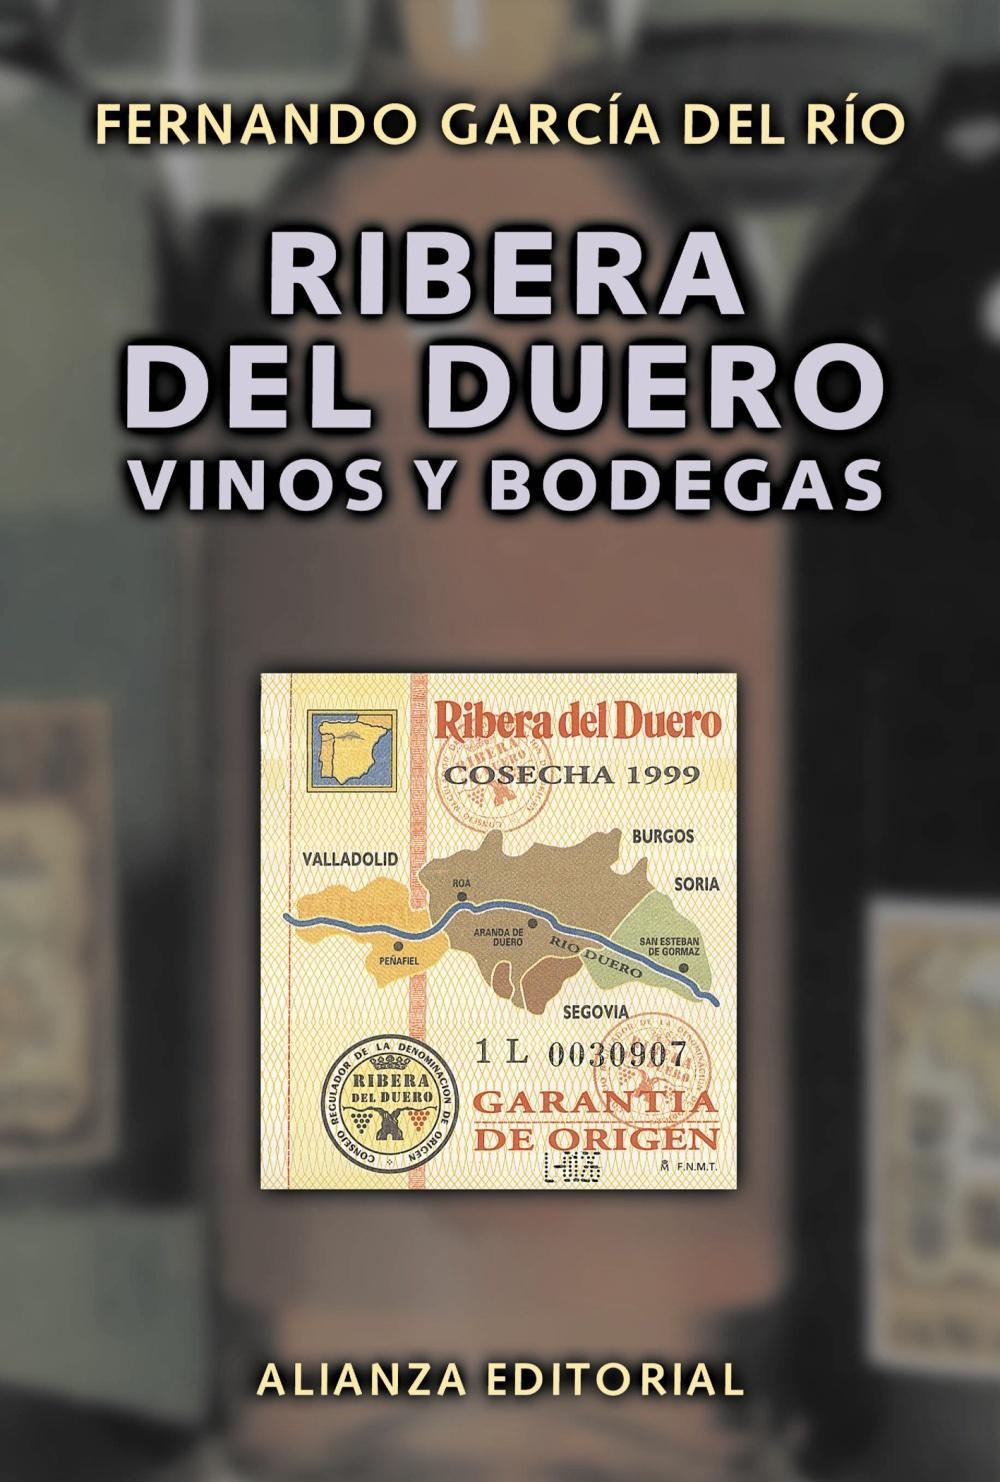 Foto Ribera del Duero